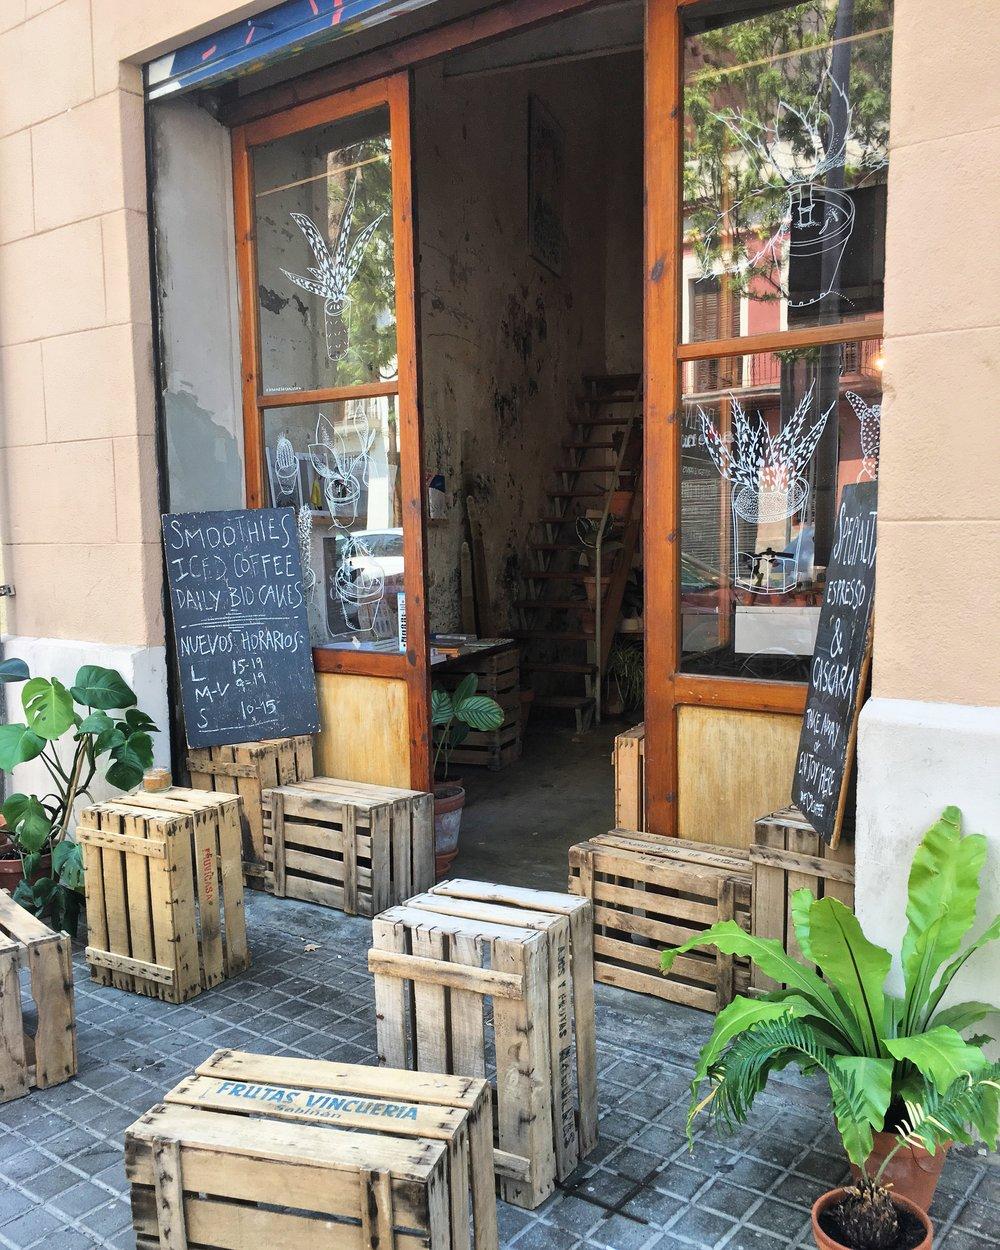 Cafe Espai Joliu in Barcelona - 3 Days* - 📸 H. Applebaum